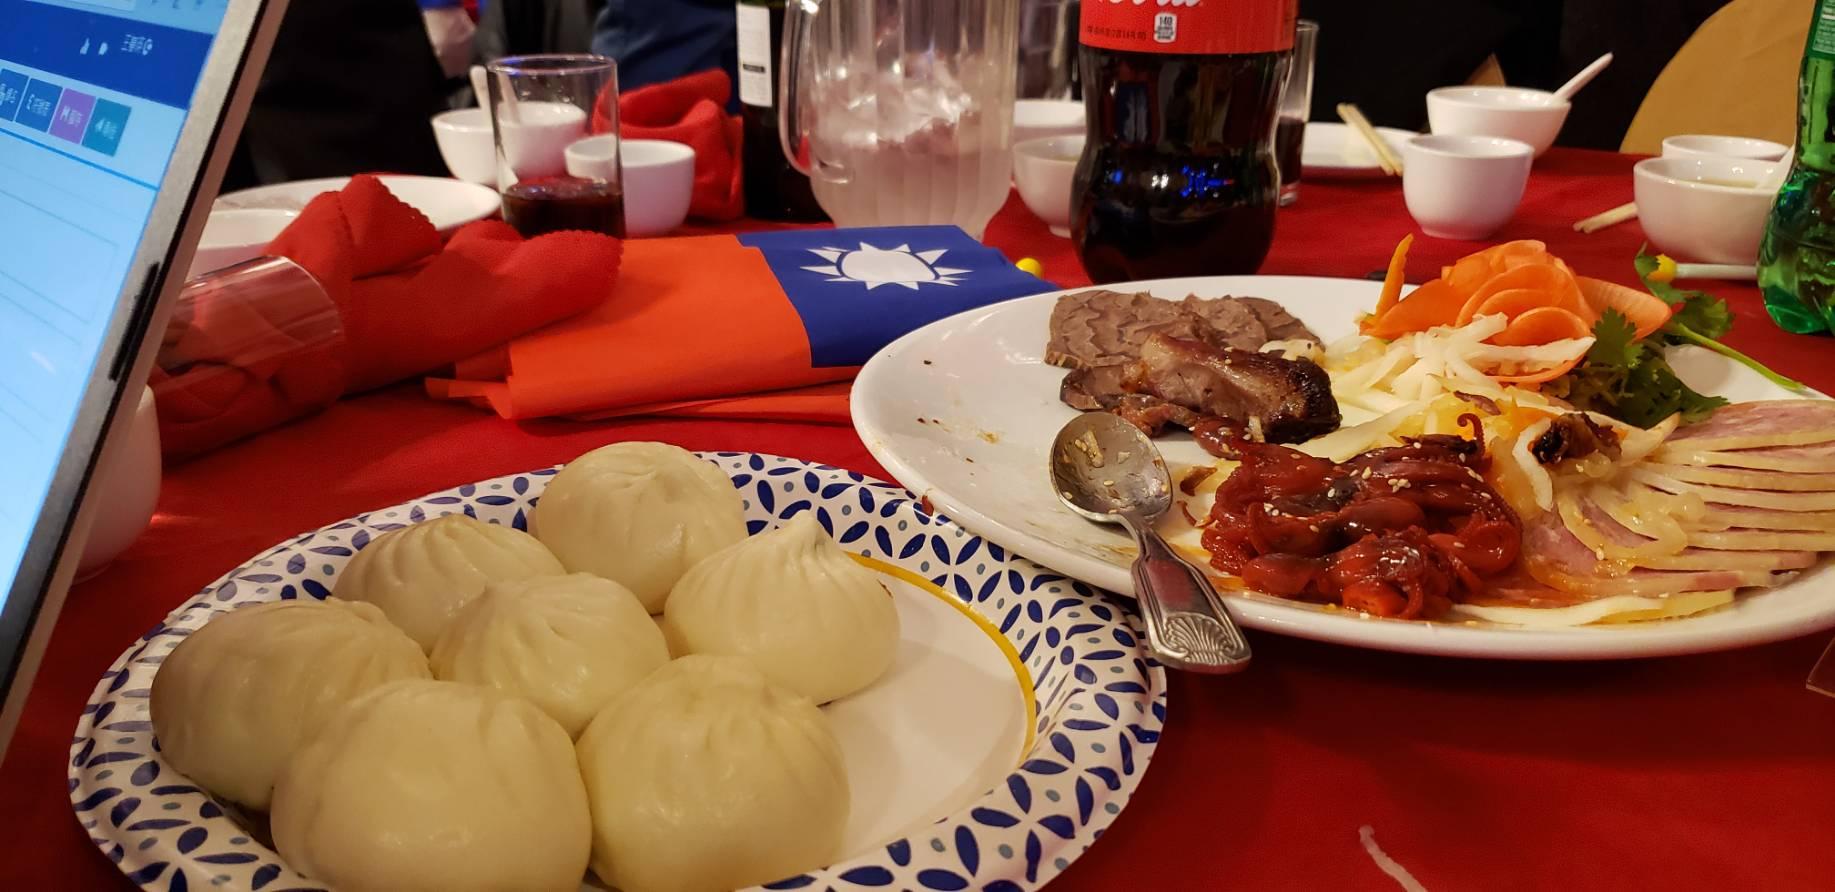 波士頓餐會上的菜色之一。記者唐嘉麗/攝影